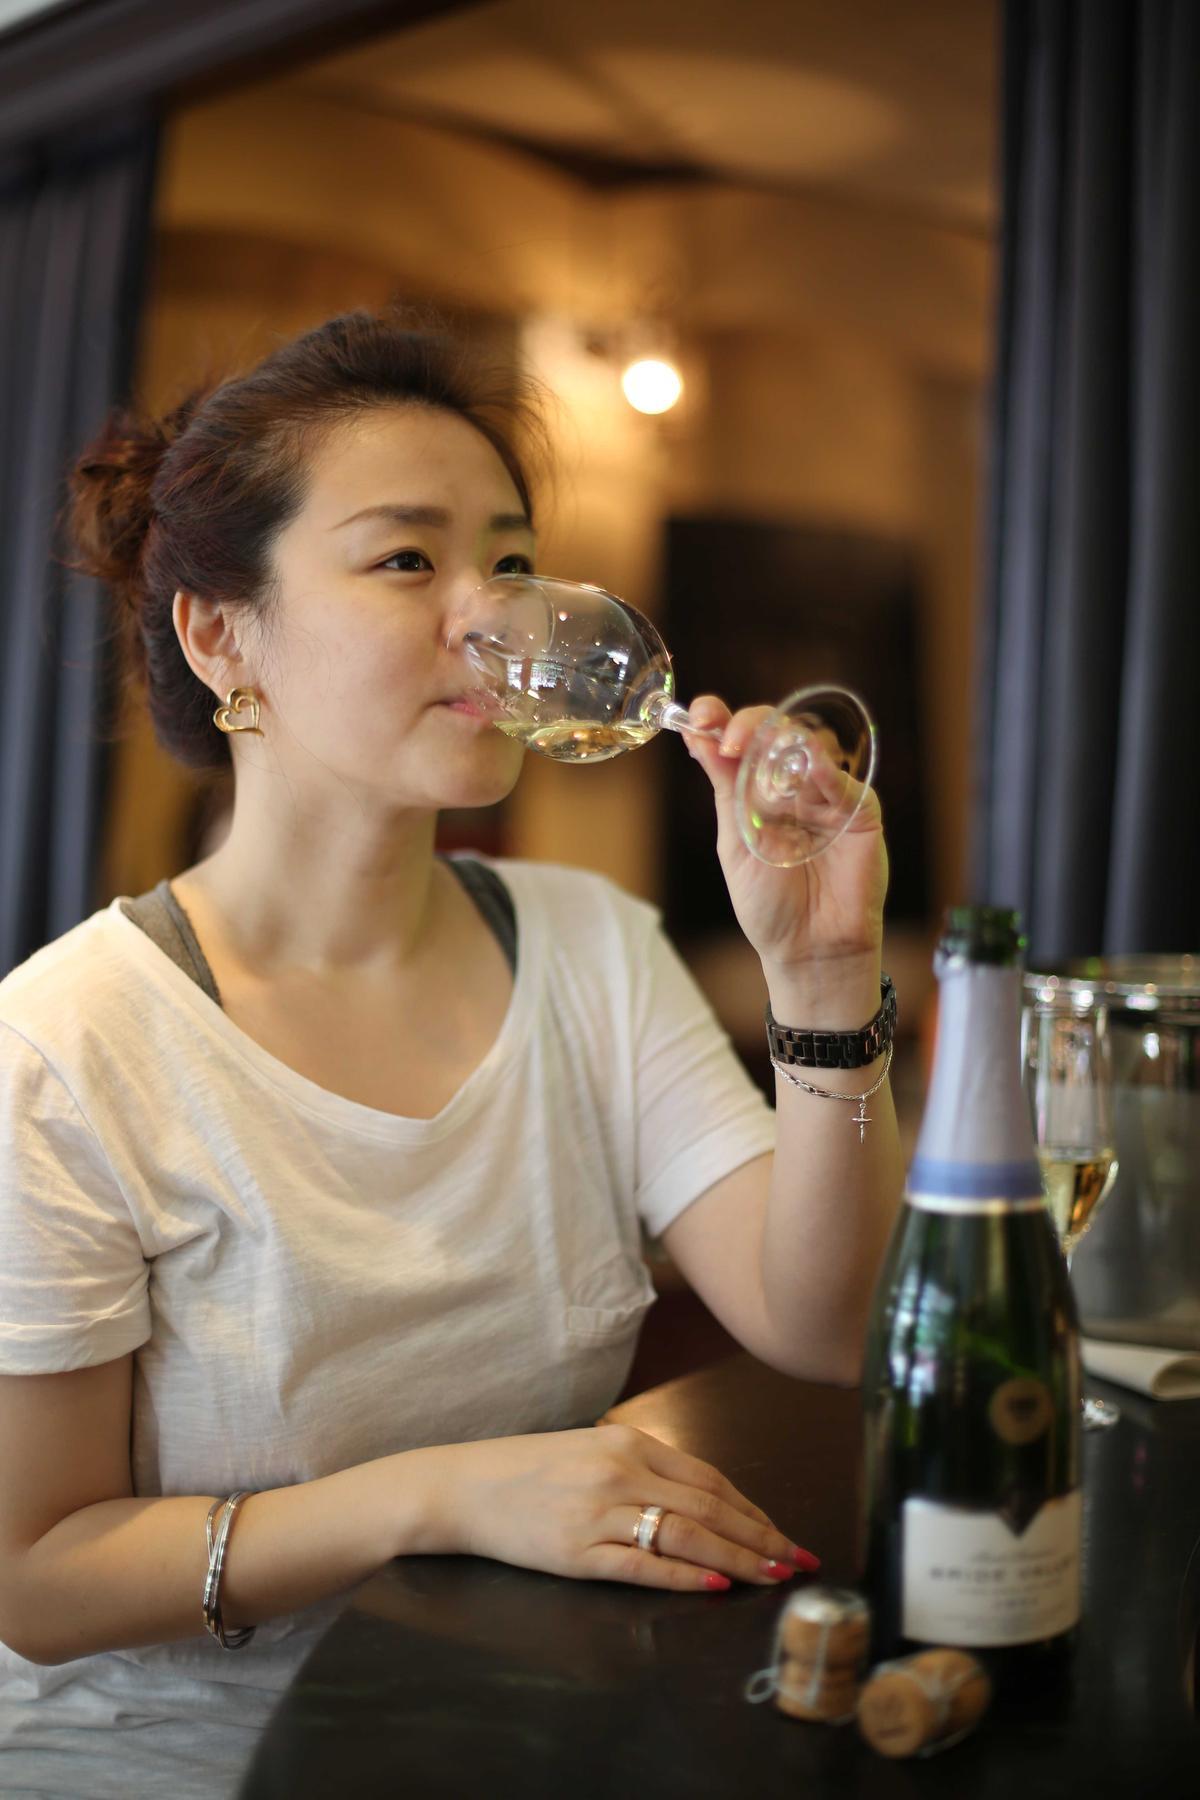 英國受氣候暖化之賜,已可釀出實力堅強的氣泡酒,清脆爽口深受女性歡迎。